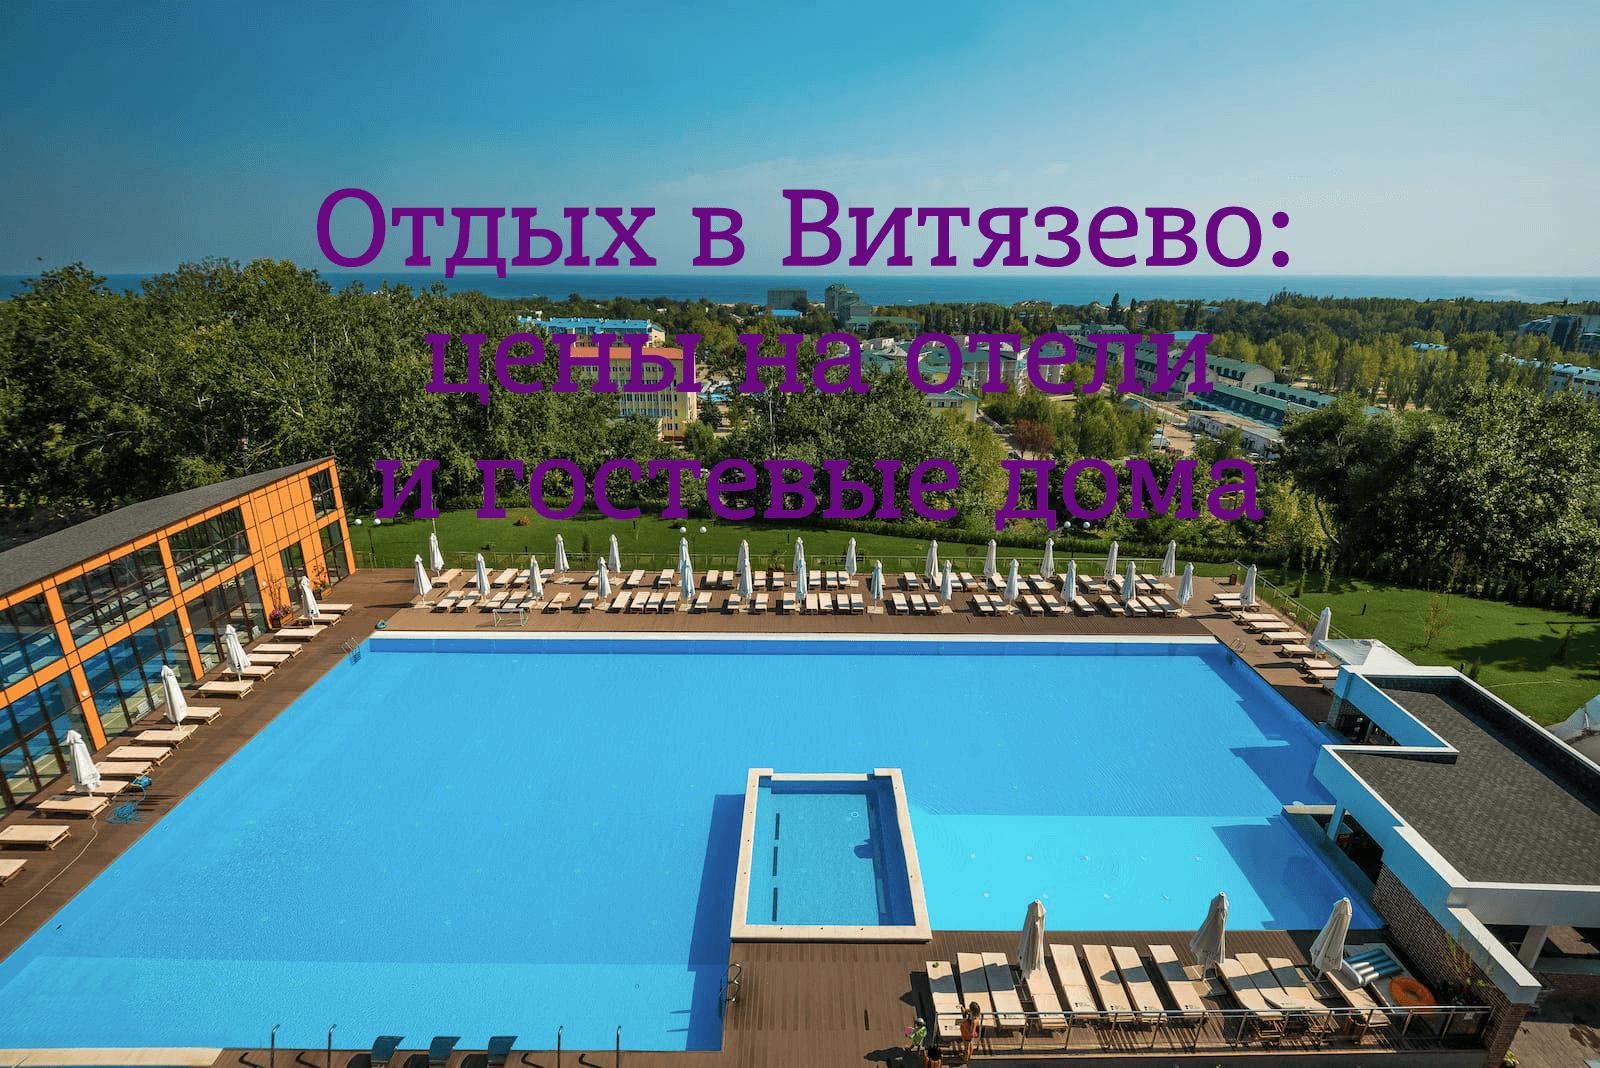 Иллюстрация к статье «Отдых в Витязево. Цены 2017 г. на отели и гостевые дома»